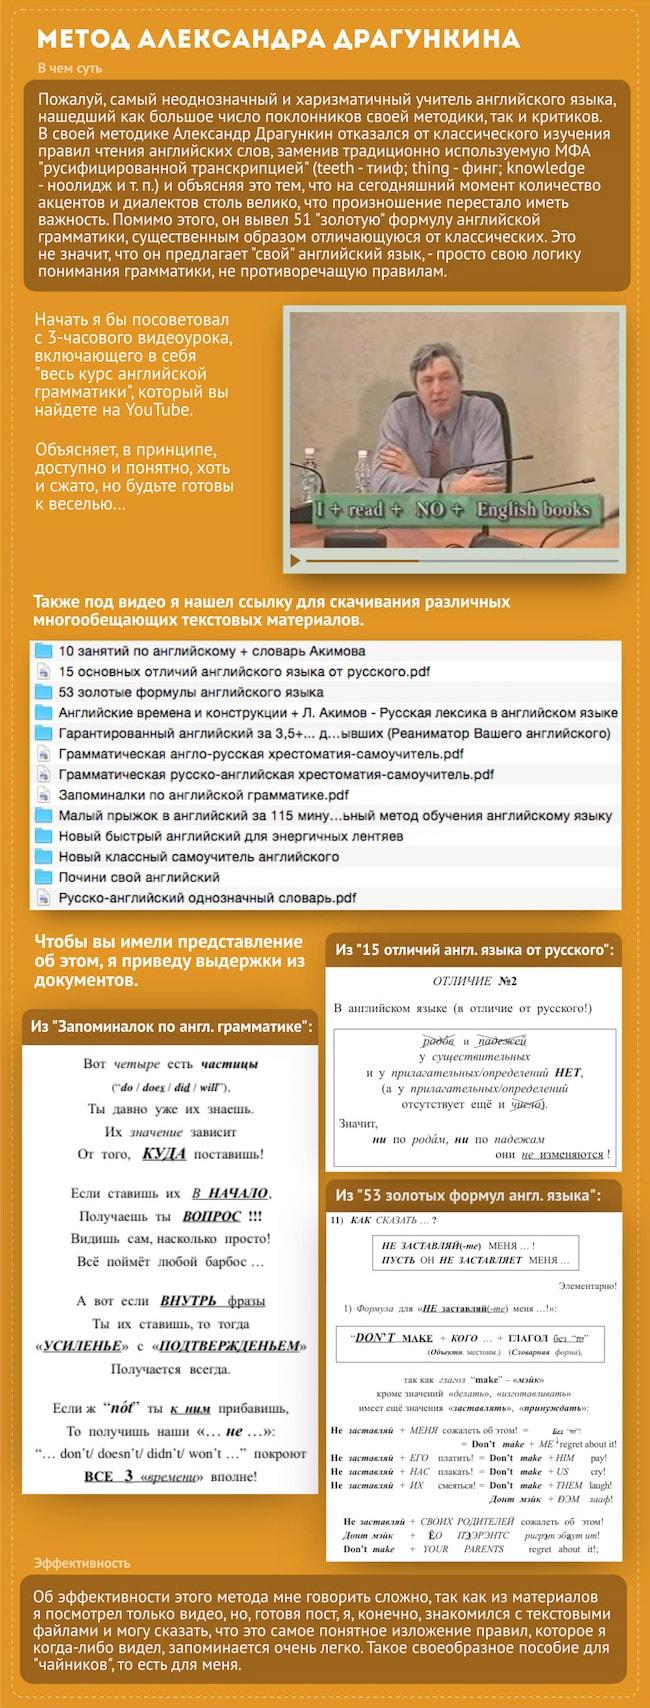 6-metodov-dlya-samostoyatelnogo-izucheniya-angliyskogo-5